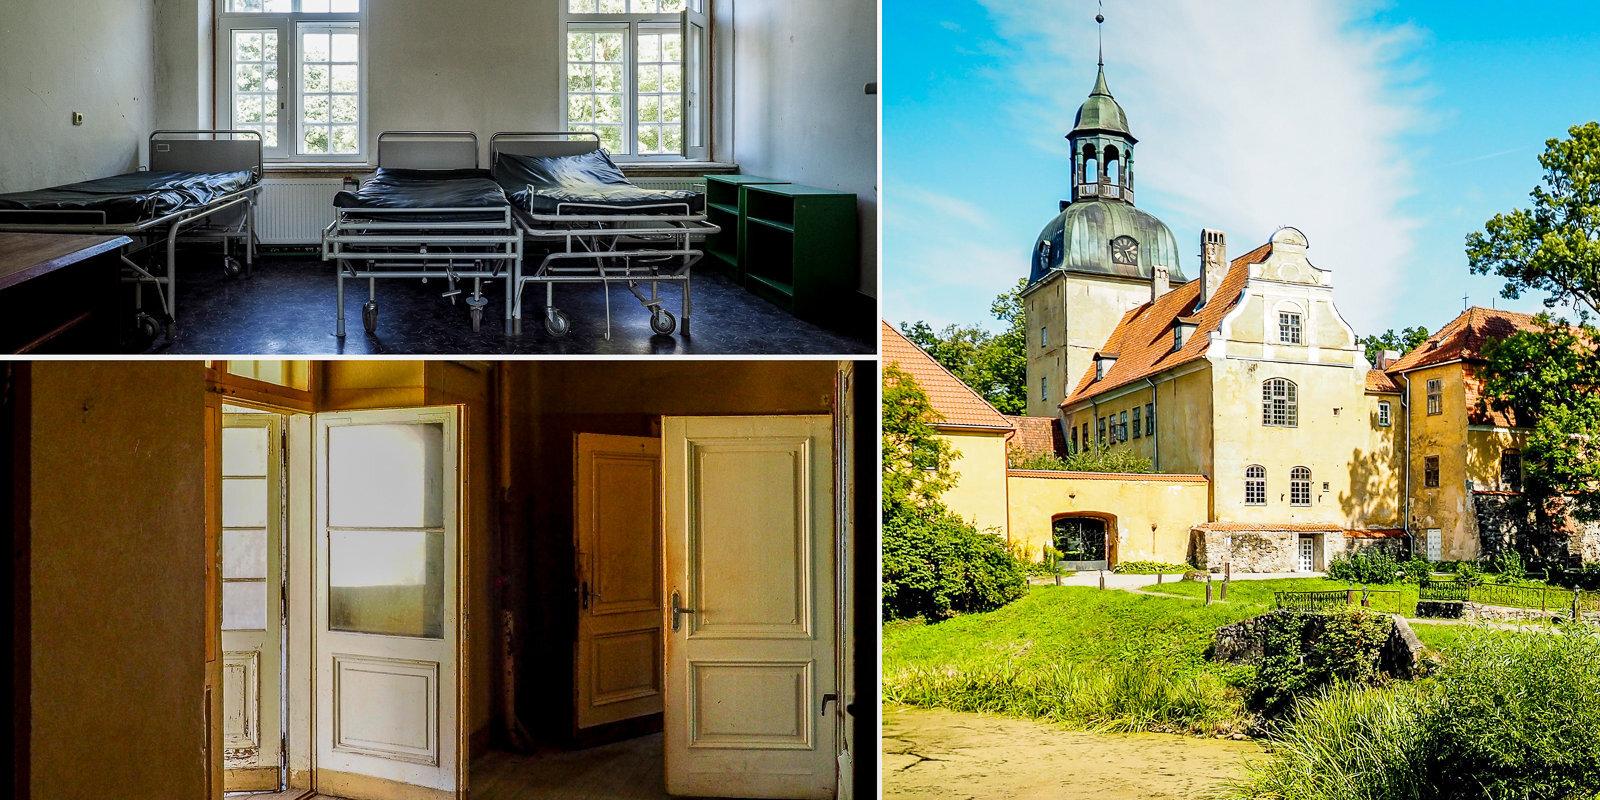 От больницы до туристического объекта: как сейчас выглядит Лиелстраупский замок?